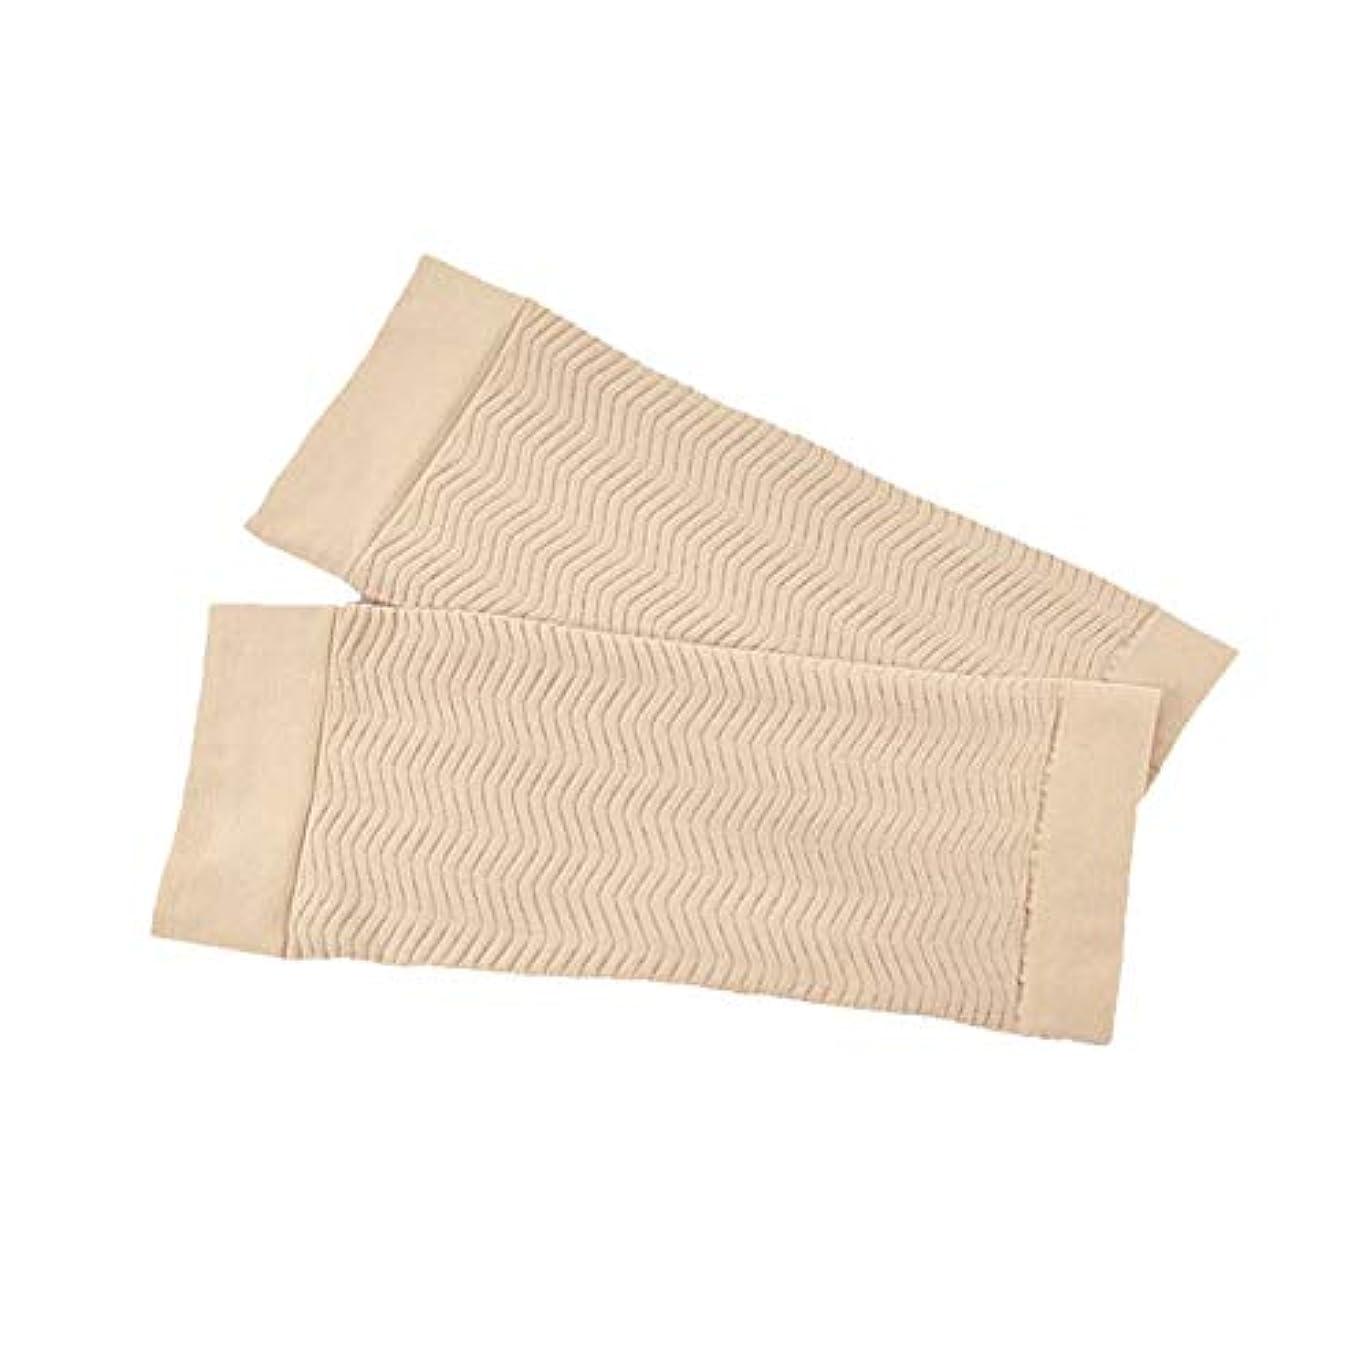 赤収容する風邪をひく1ペア680 D圧縮アームシェイパーワークアウトトーニングバーンセルライトスリミングアームスリーブ脂肪燃焼半袖用女性 - スキンカラー